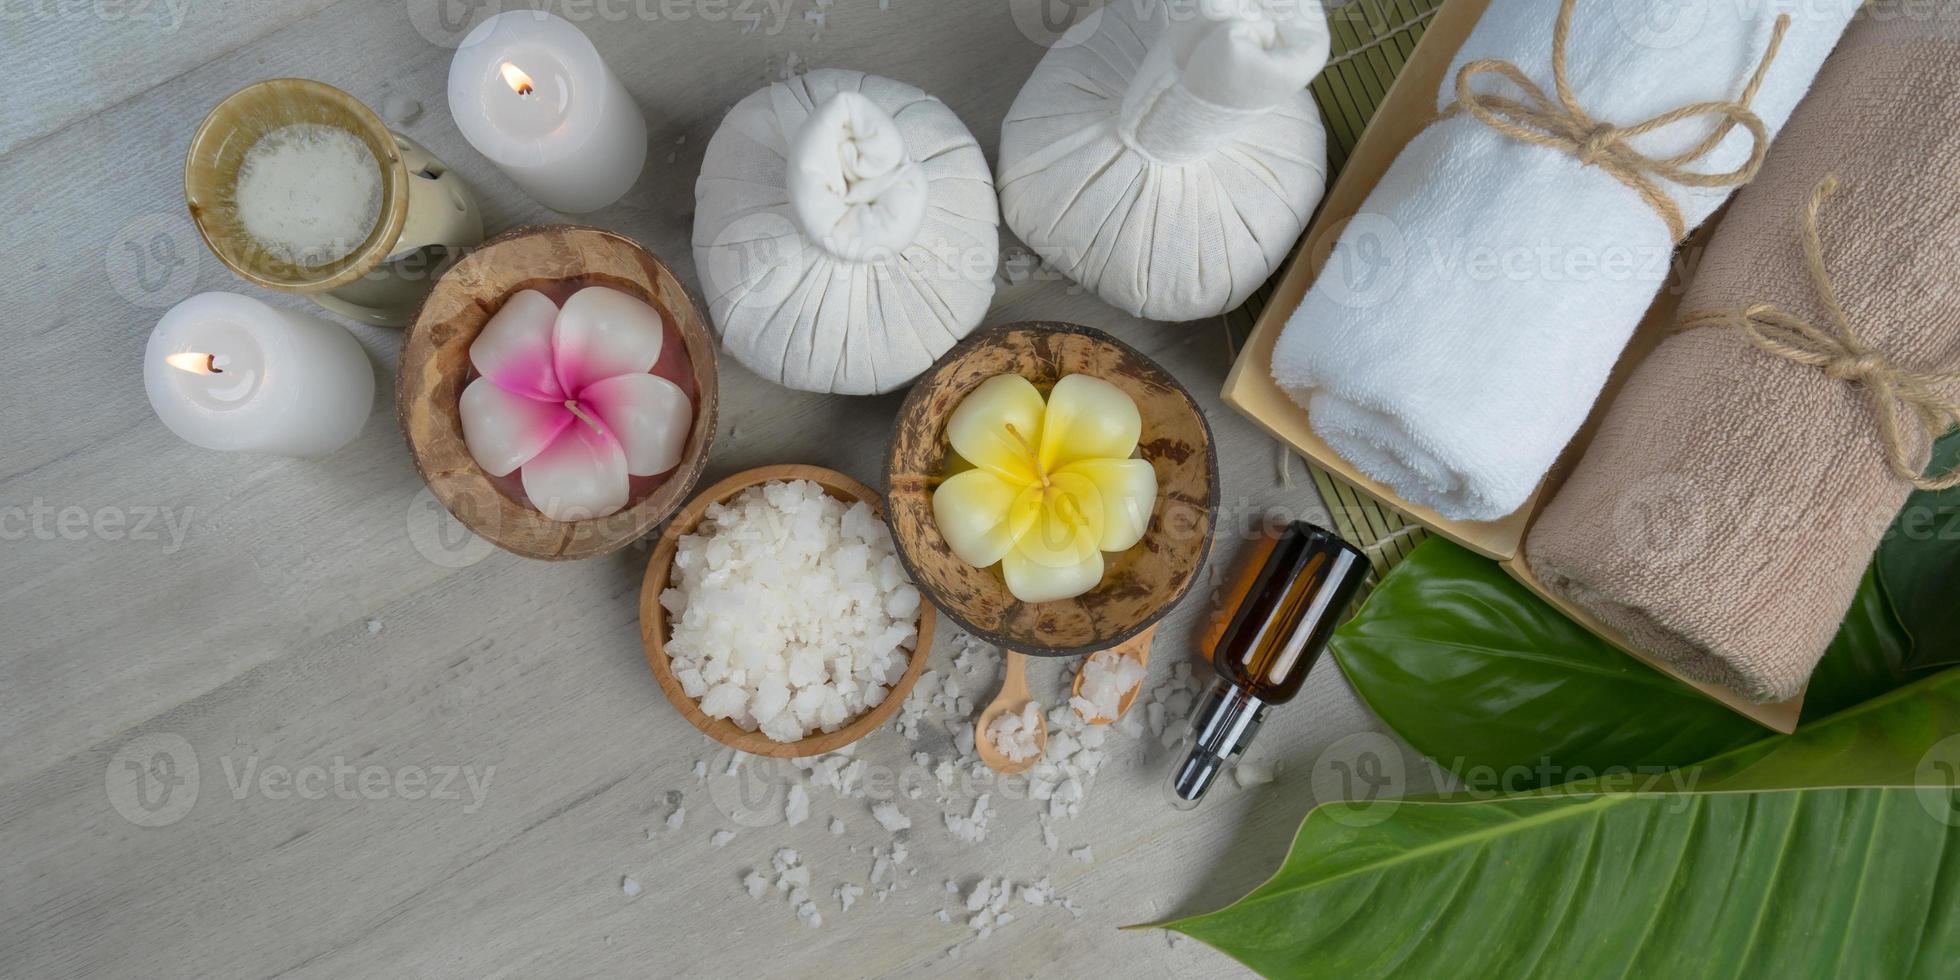 vista superior, composición del tratamiento de spa en la mesa de madera foto